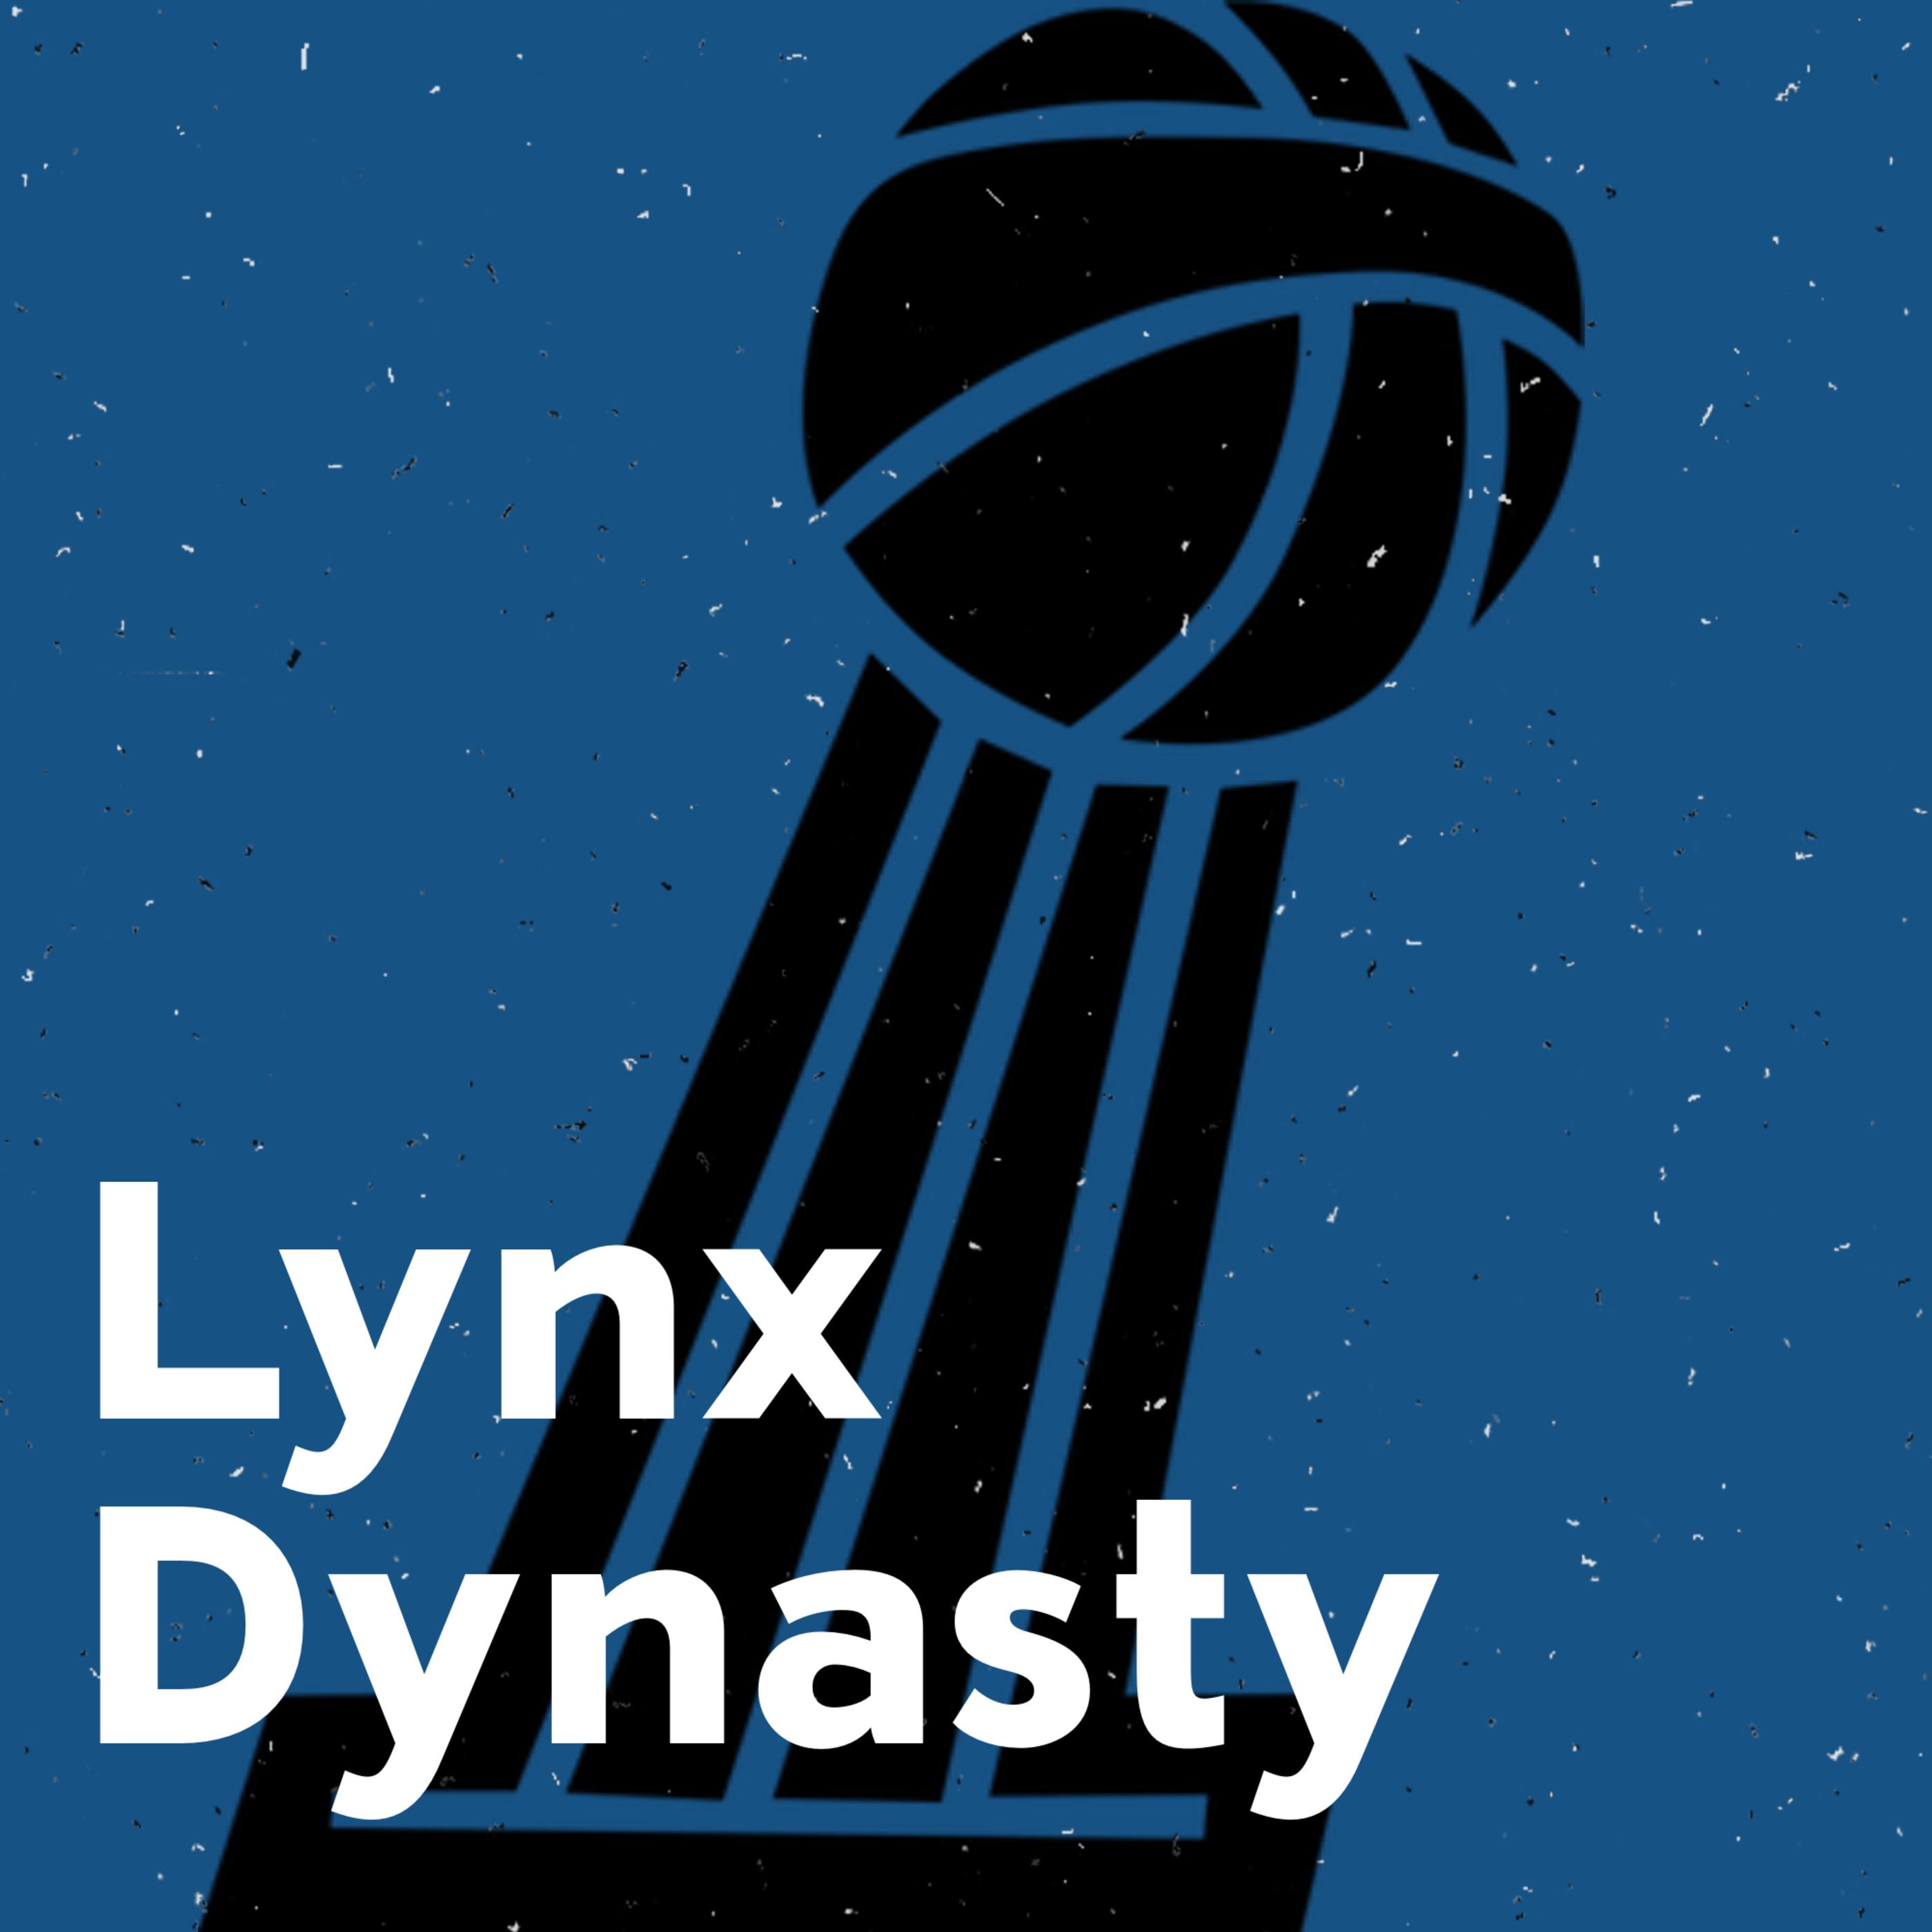 Lynx Dynasty